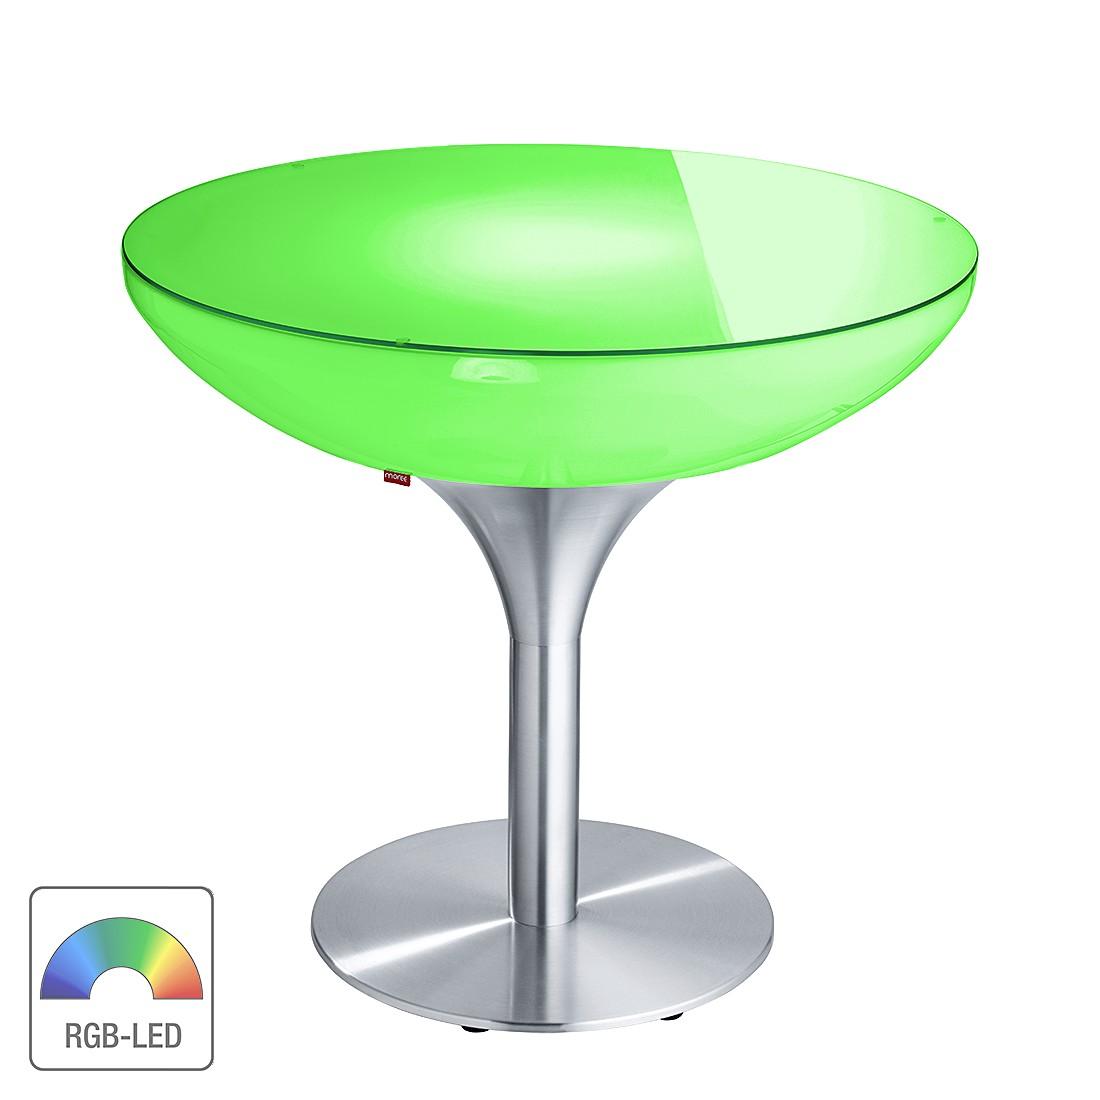 Bistrotisch Lounge 75 Indoor – mit LED PRO Beleuchtung, Akku & Fernbedienung, Moree bestellen